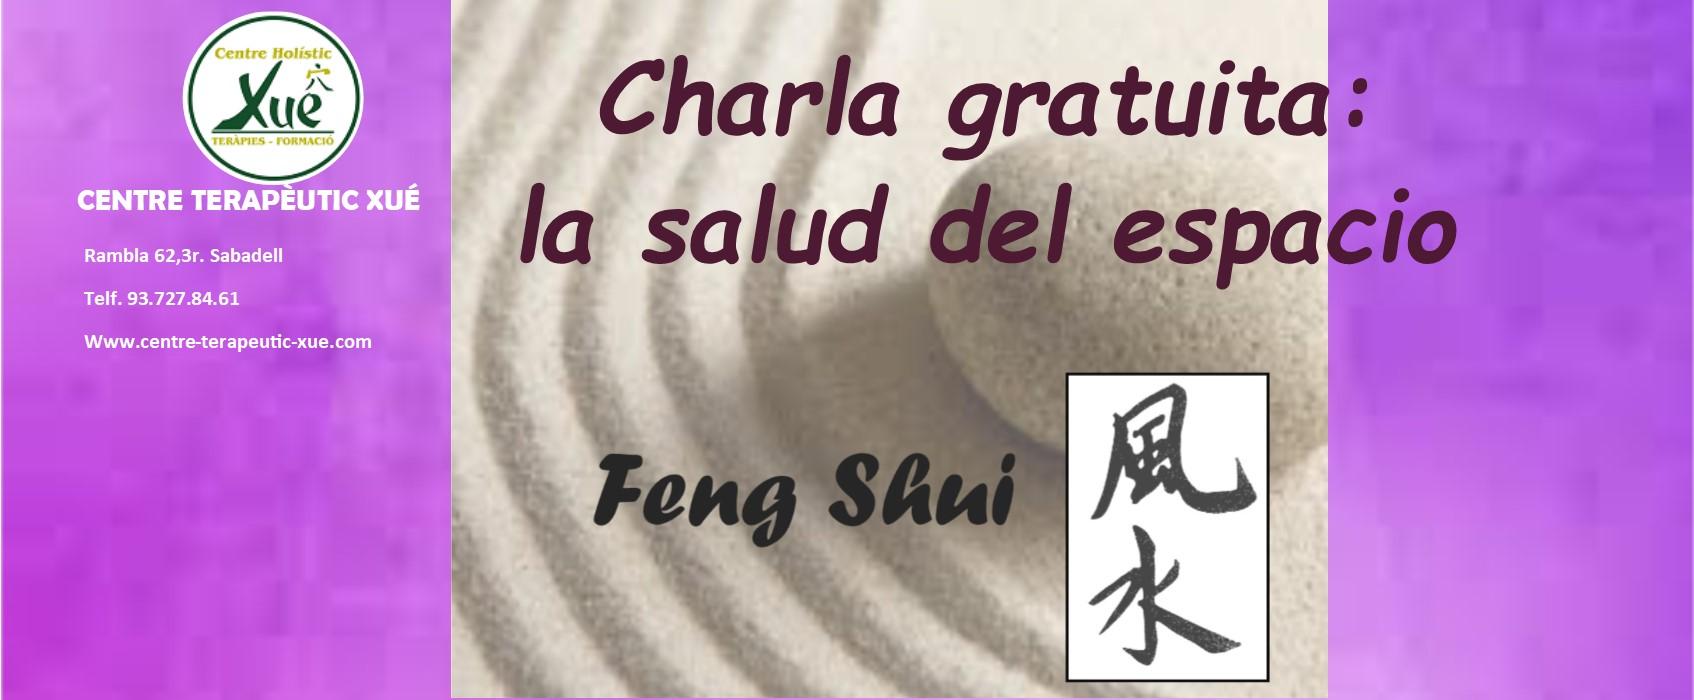 charla gratuita feng shui